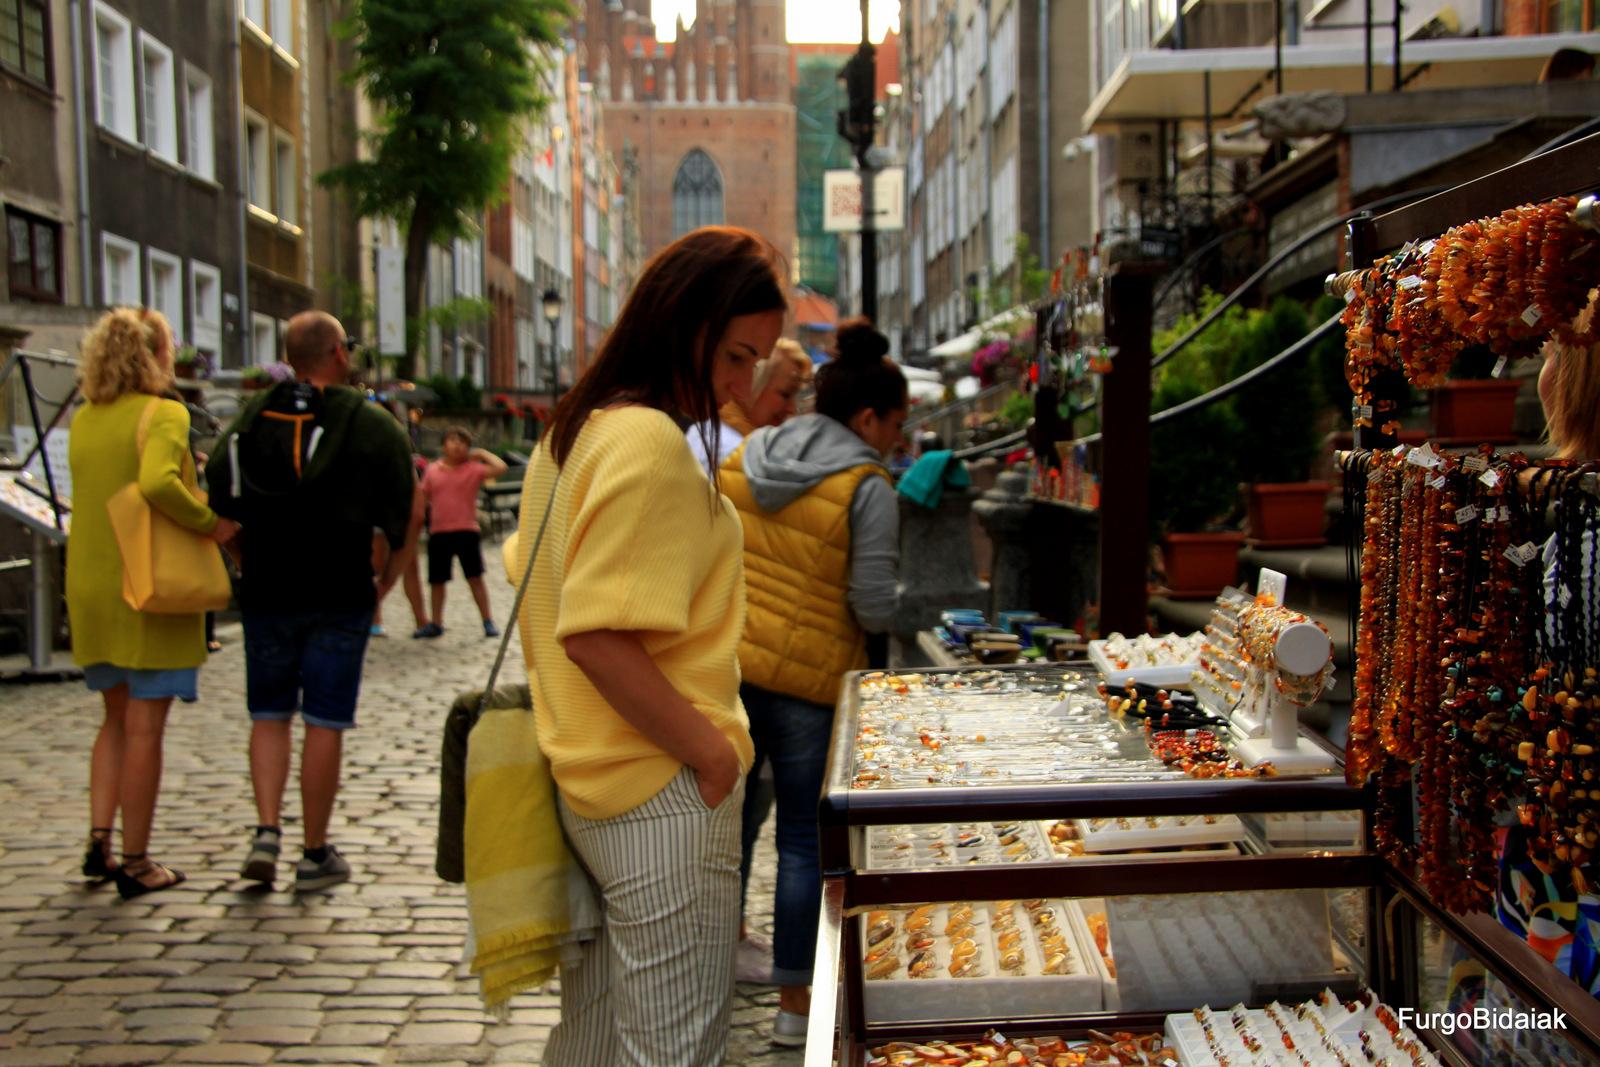 ulica Mariacka, ambar, Gdansk, Polonia